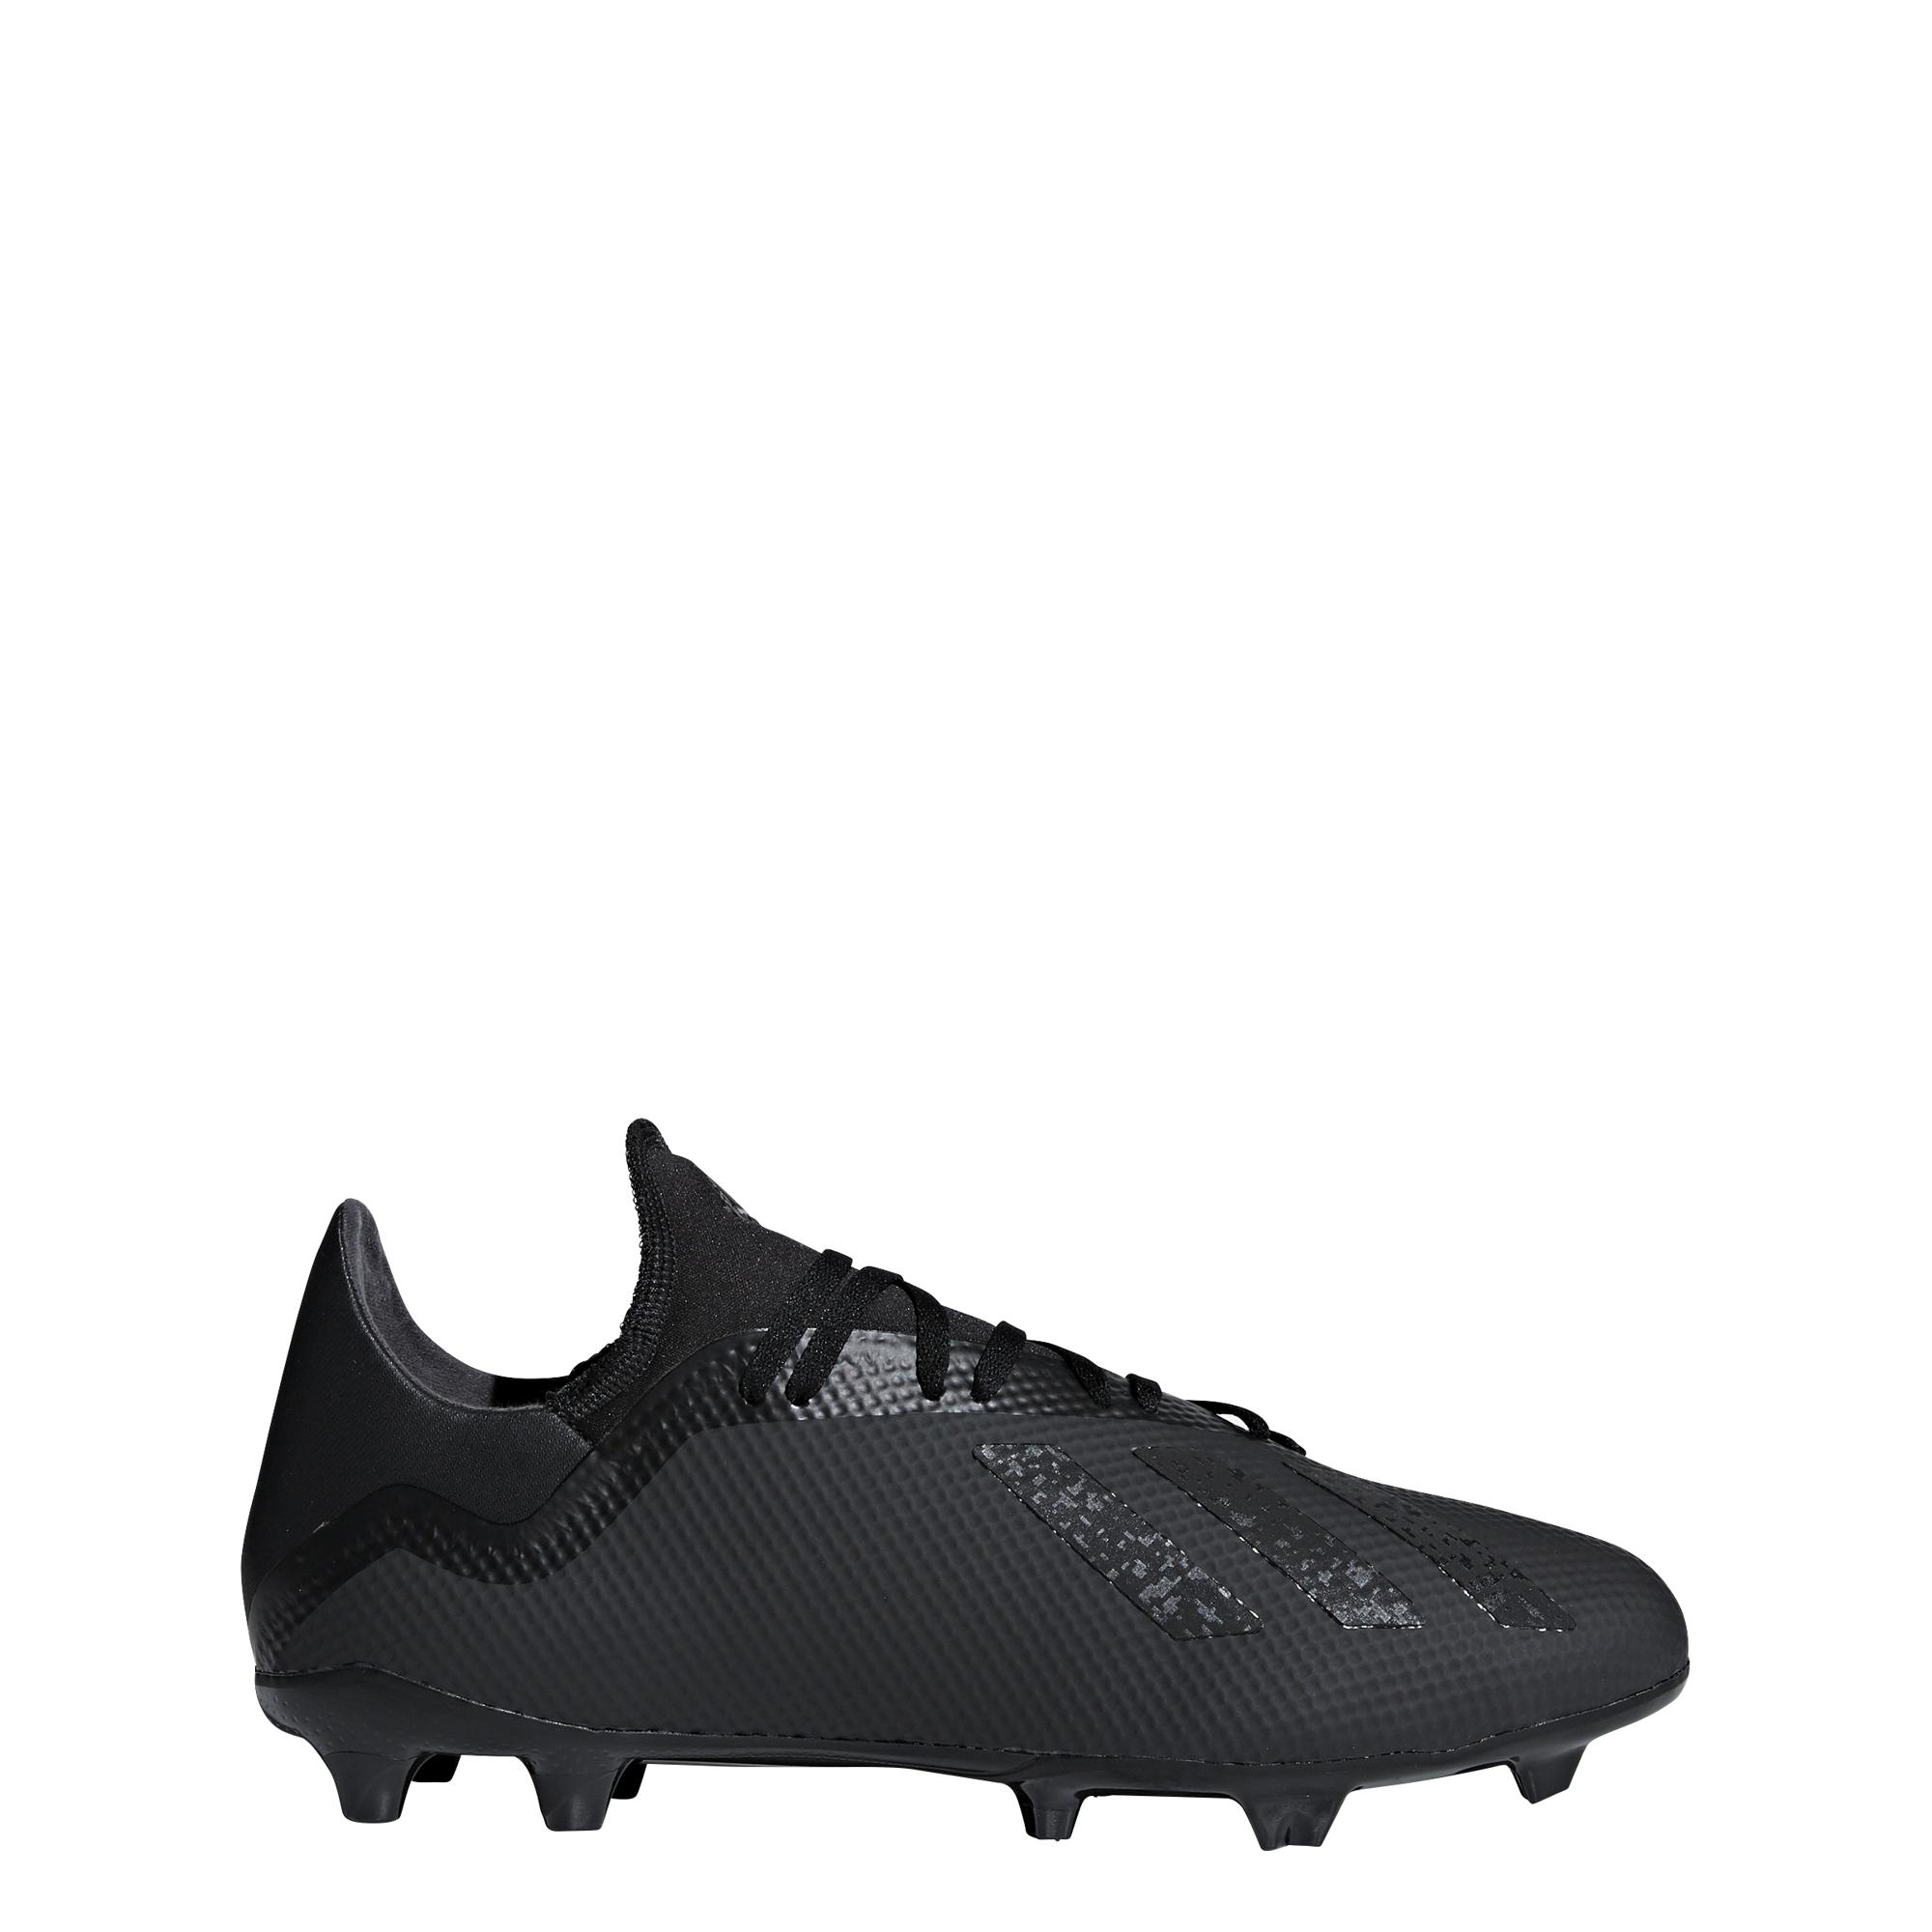 | adidas X 18.3 Firm Ground Voetbalschoenen